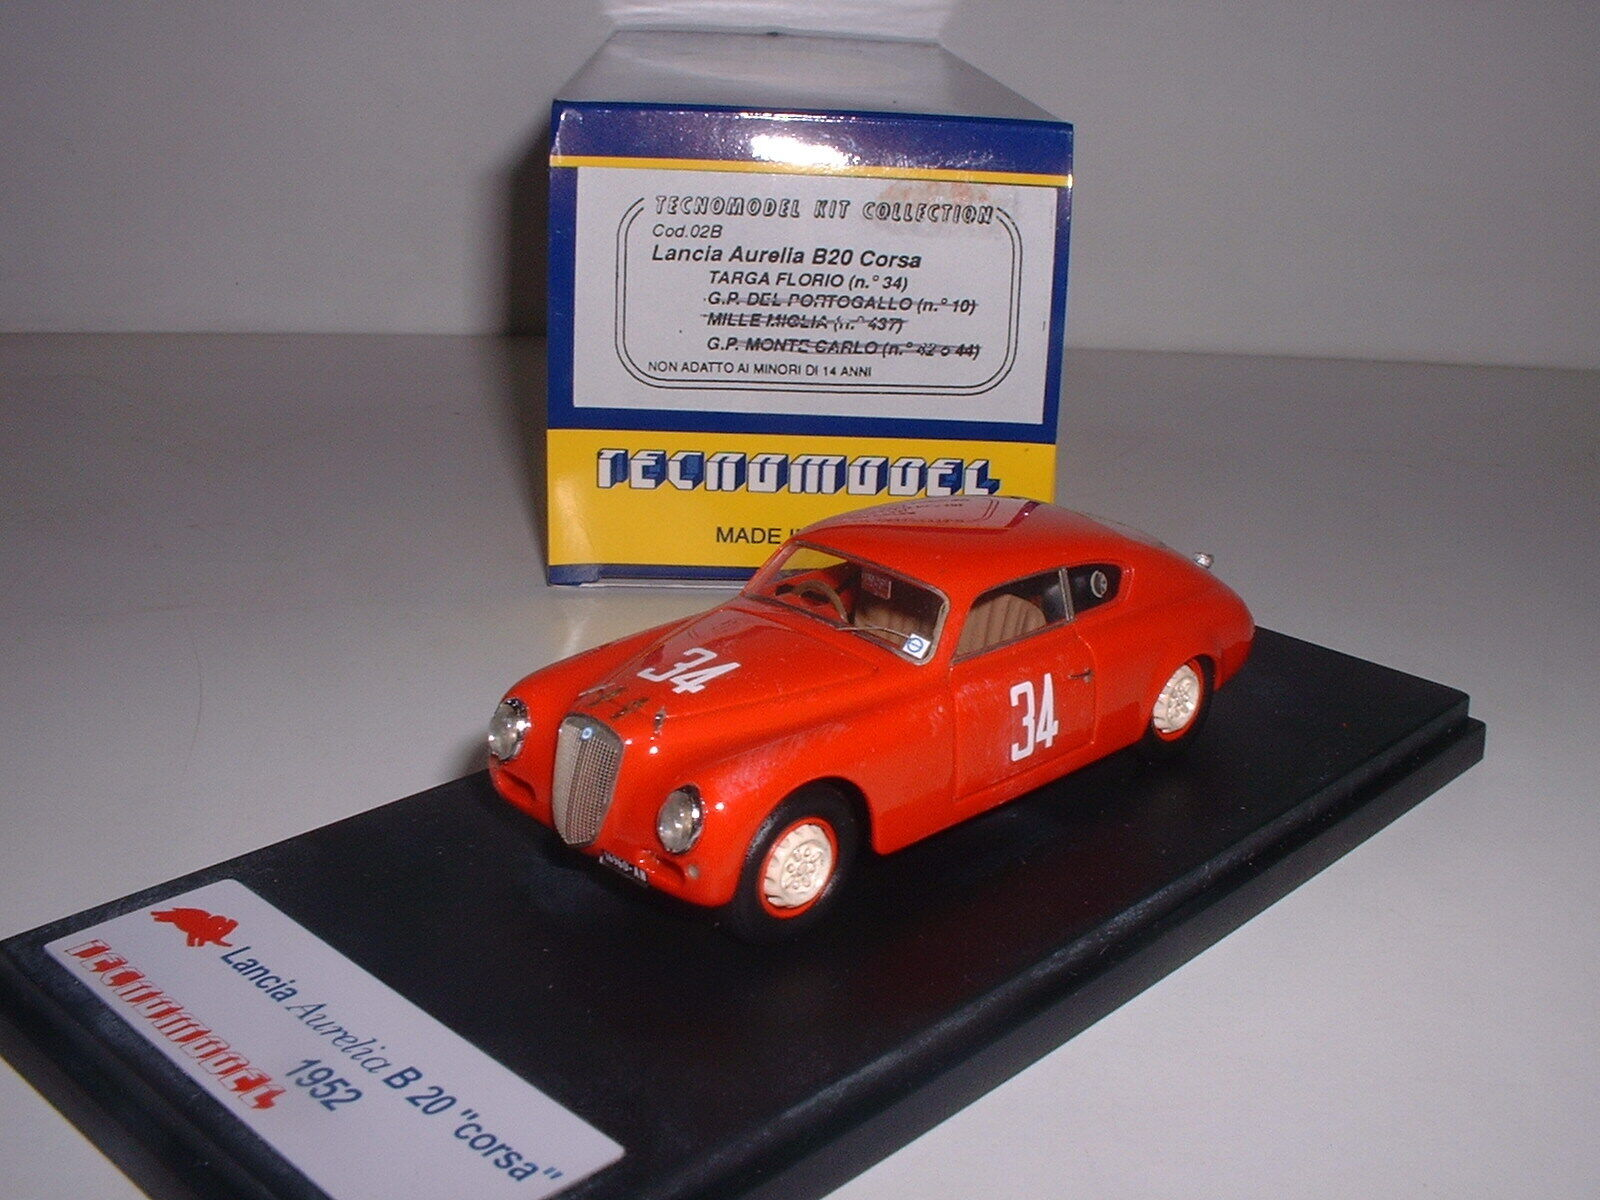 Lancia Aurelia B20 Corsa 1952 Targa Florio  34 (1 43, Tecnomodel)